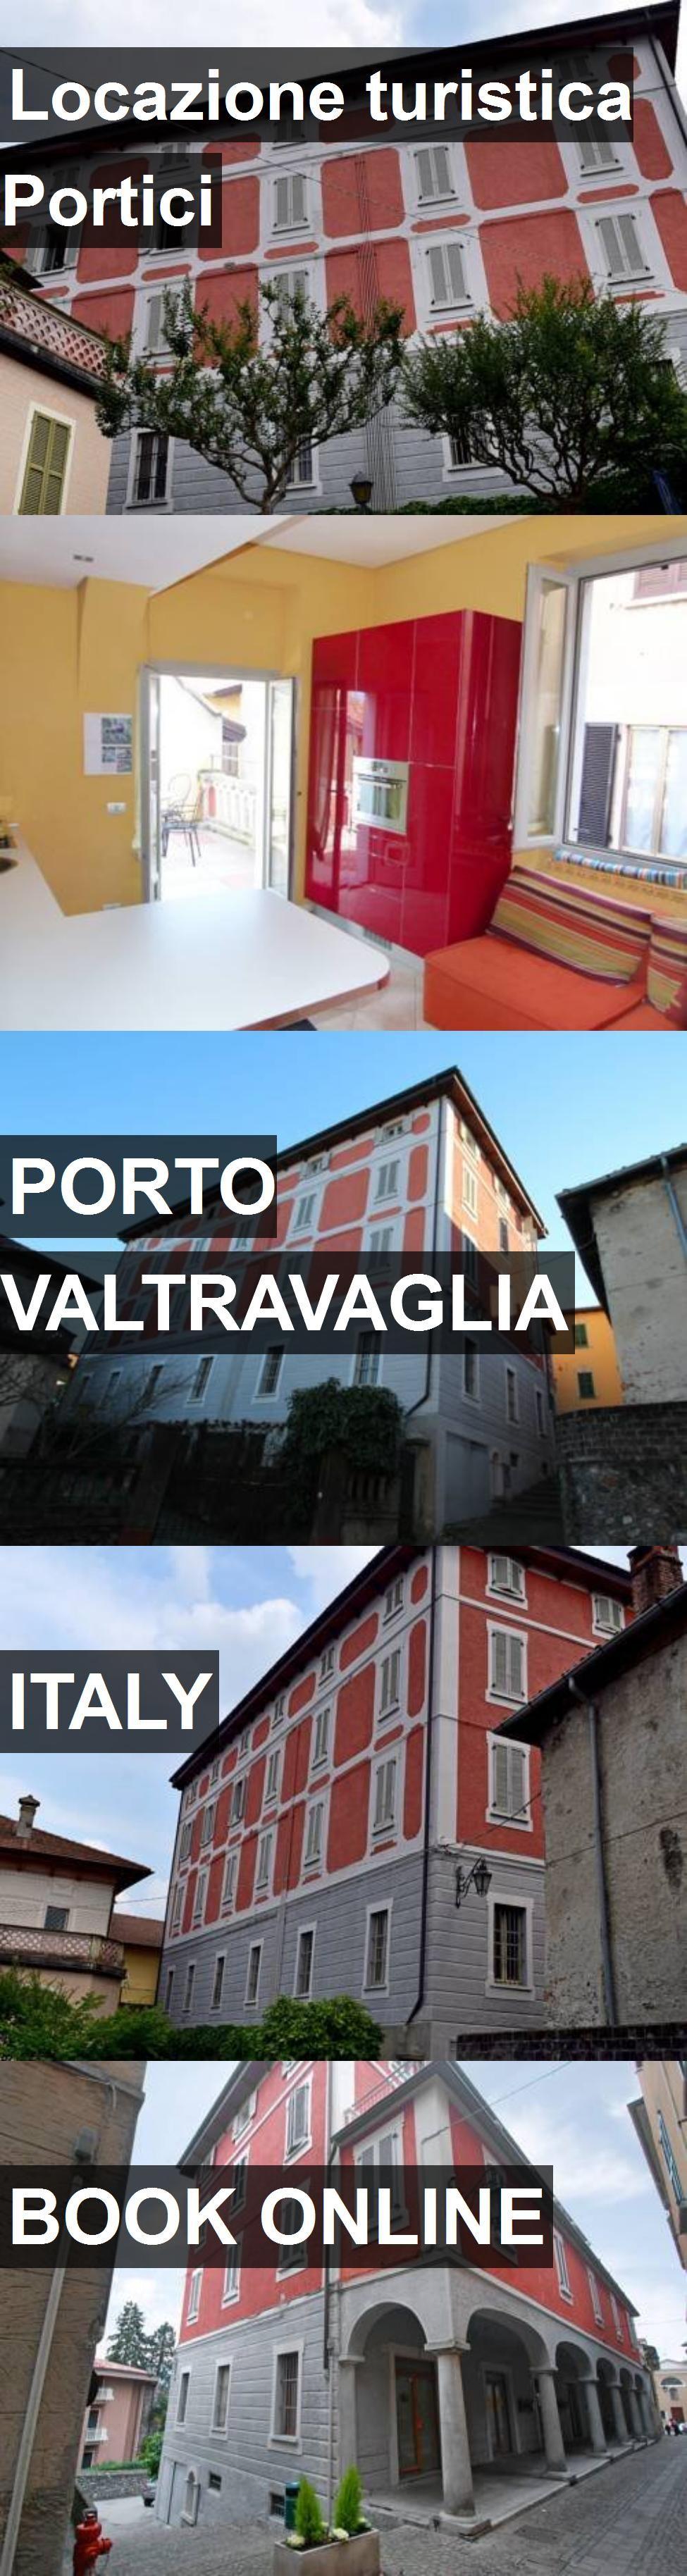 Hotel Locazione turistica Portici in Porto Valtravaglia